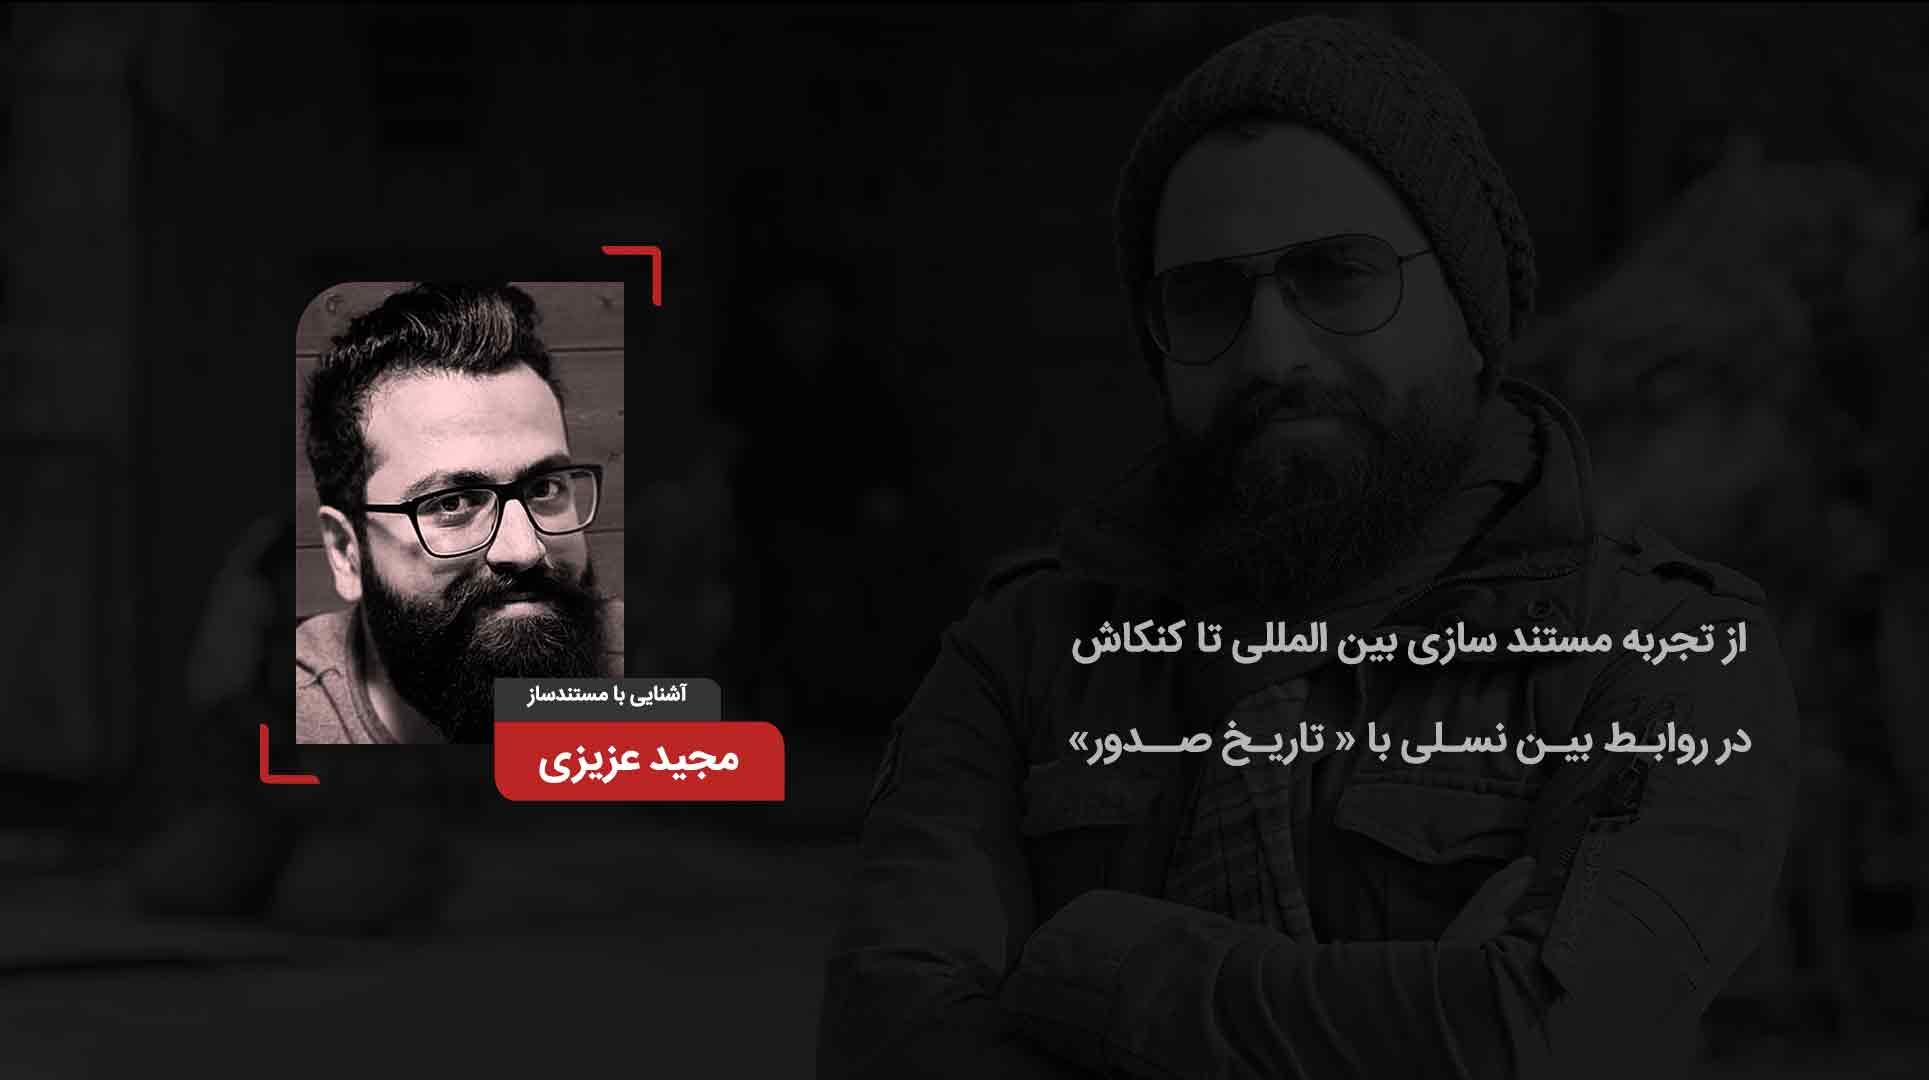 مجید عزیزی کارگردان و مستندساز